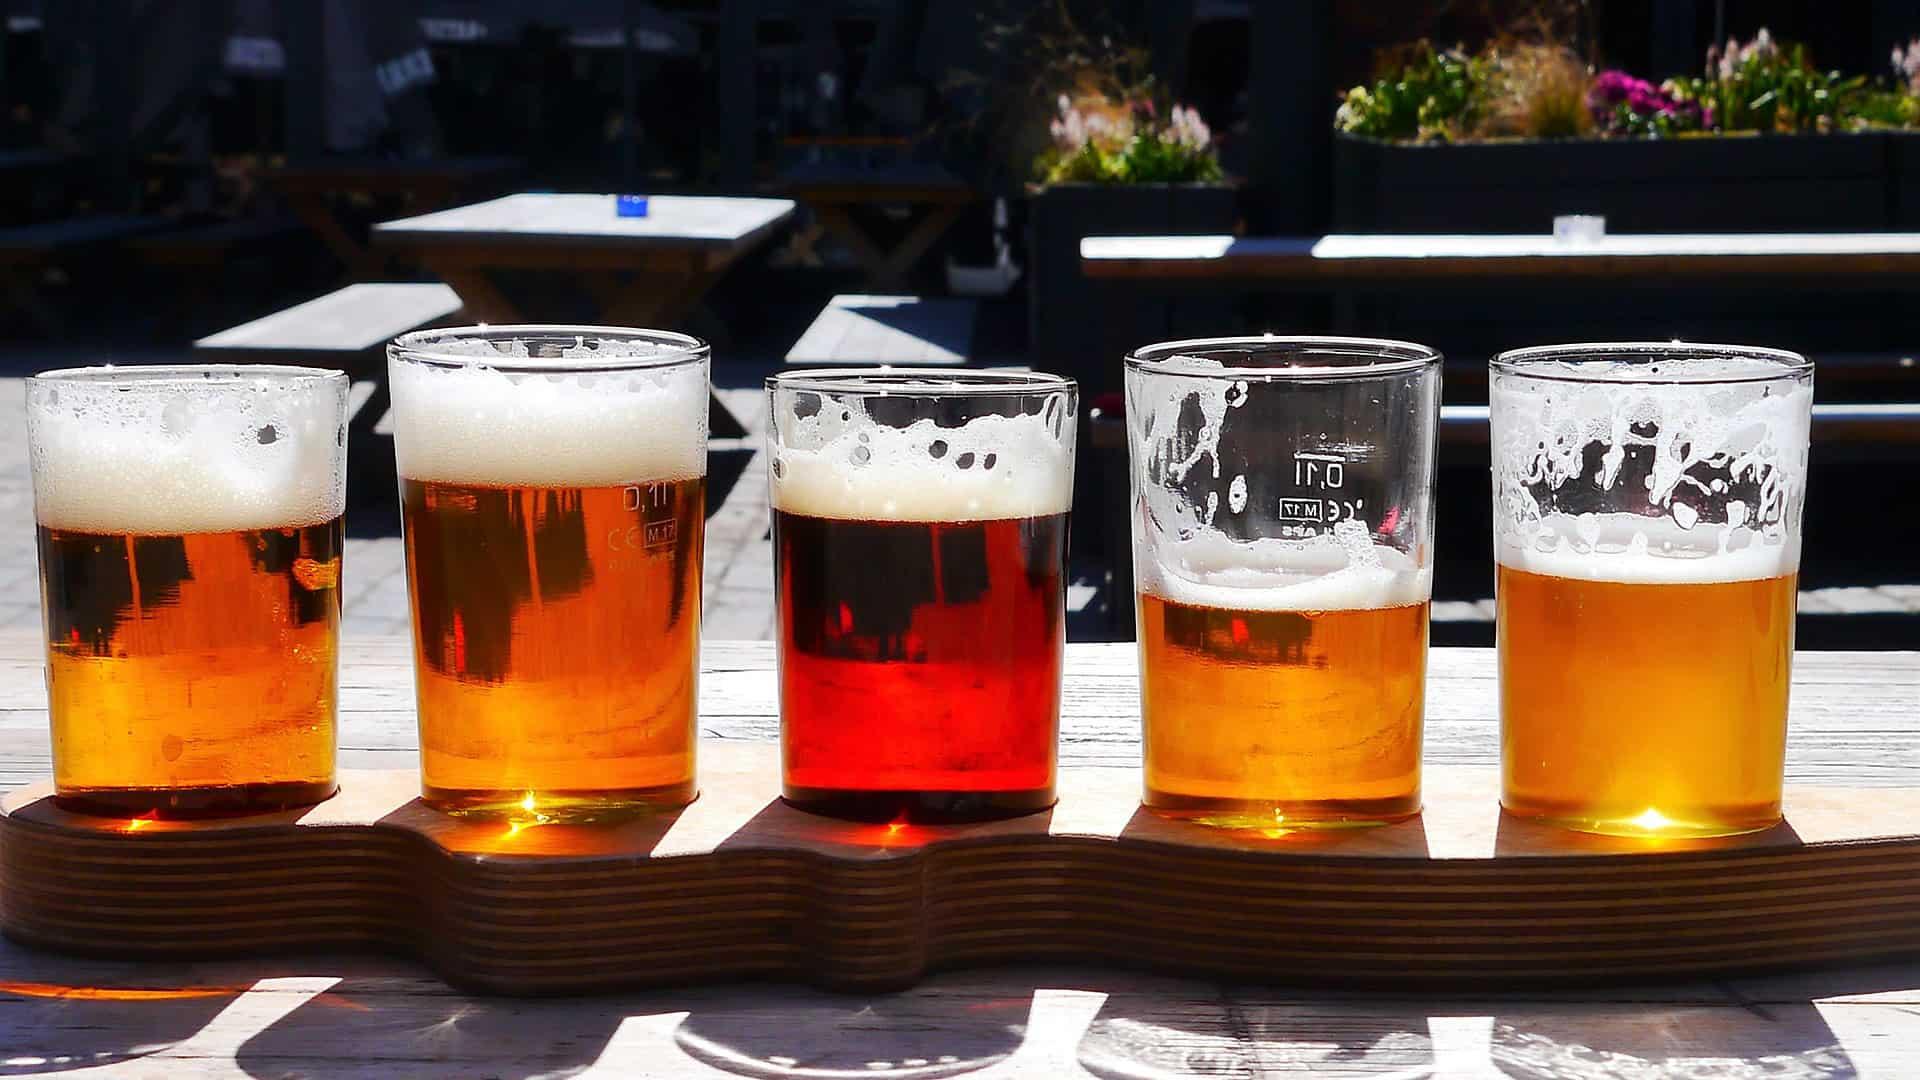 pięć szklanek z piwem